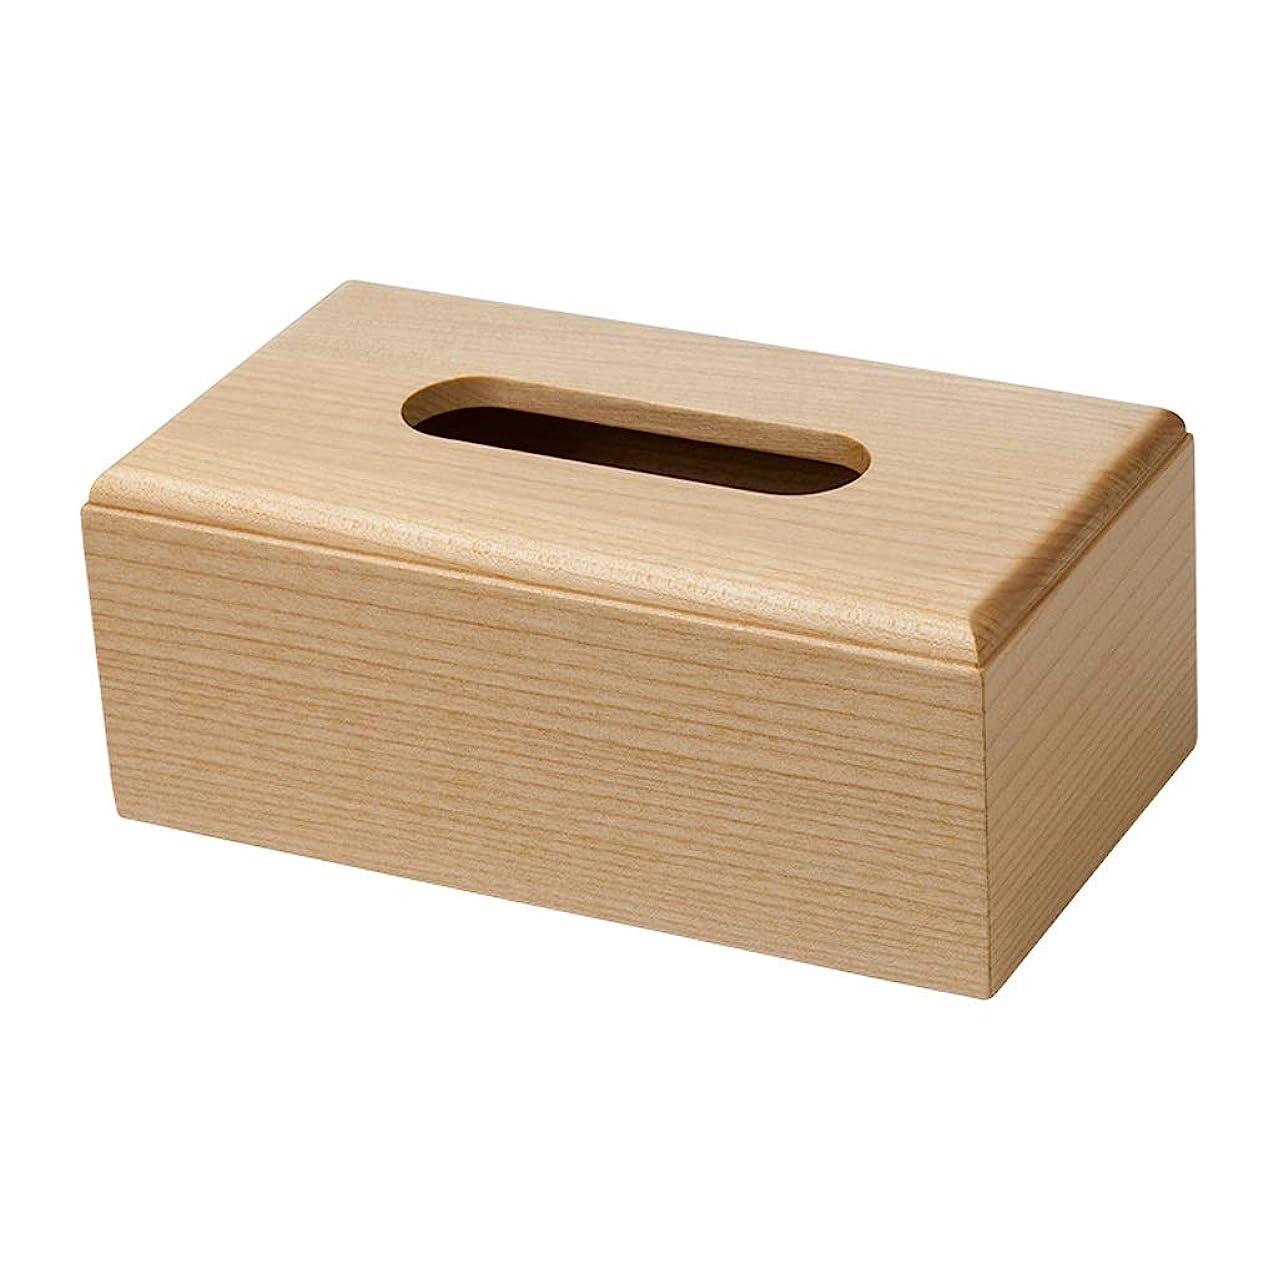 フロント解凍する、雪解け、霜解け止まるティッシュボックスホーム木製引き出し寝室リビングルームティッシュボックスシンプルモダンな純木ナプキントレイ SHWSM